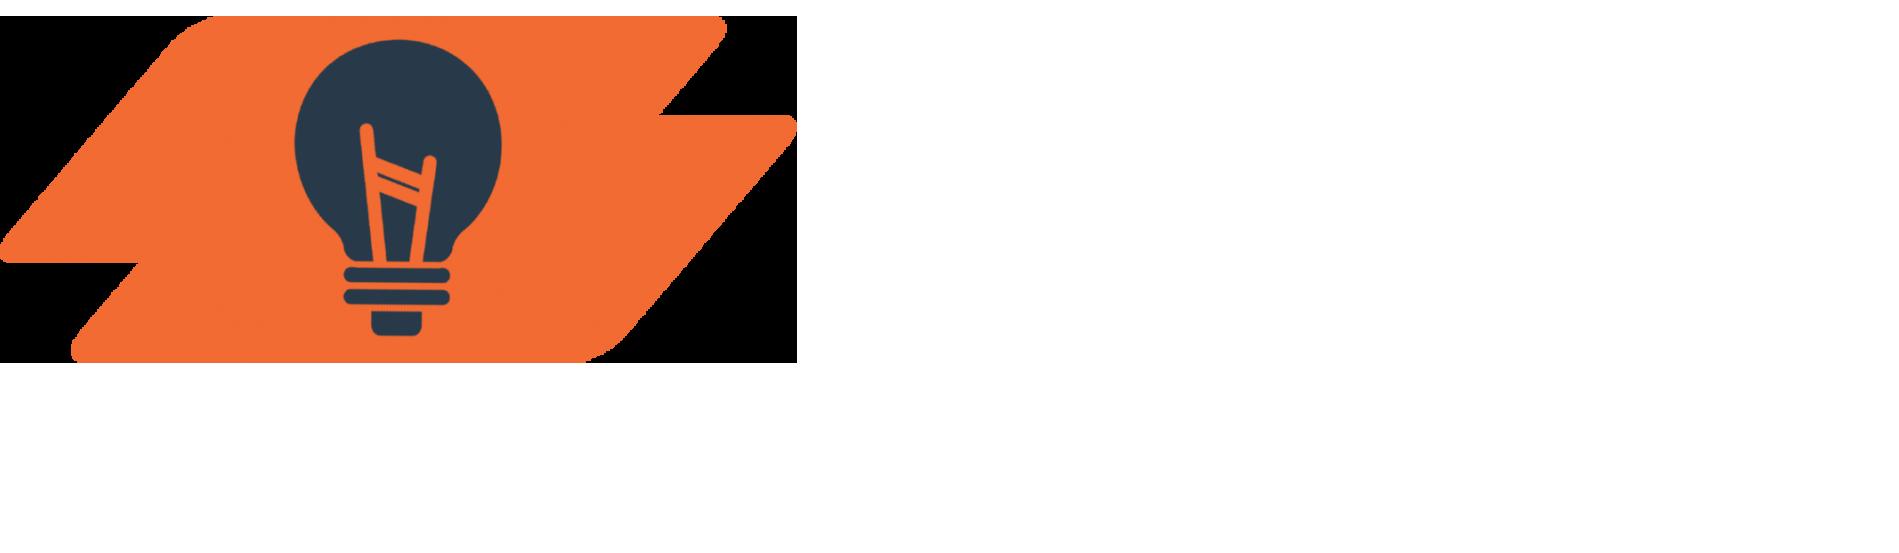 Rundumservice24Asenov-logo